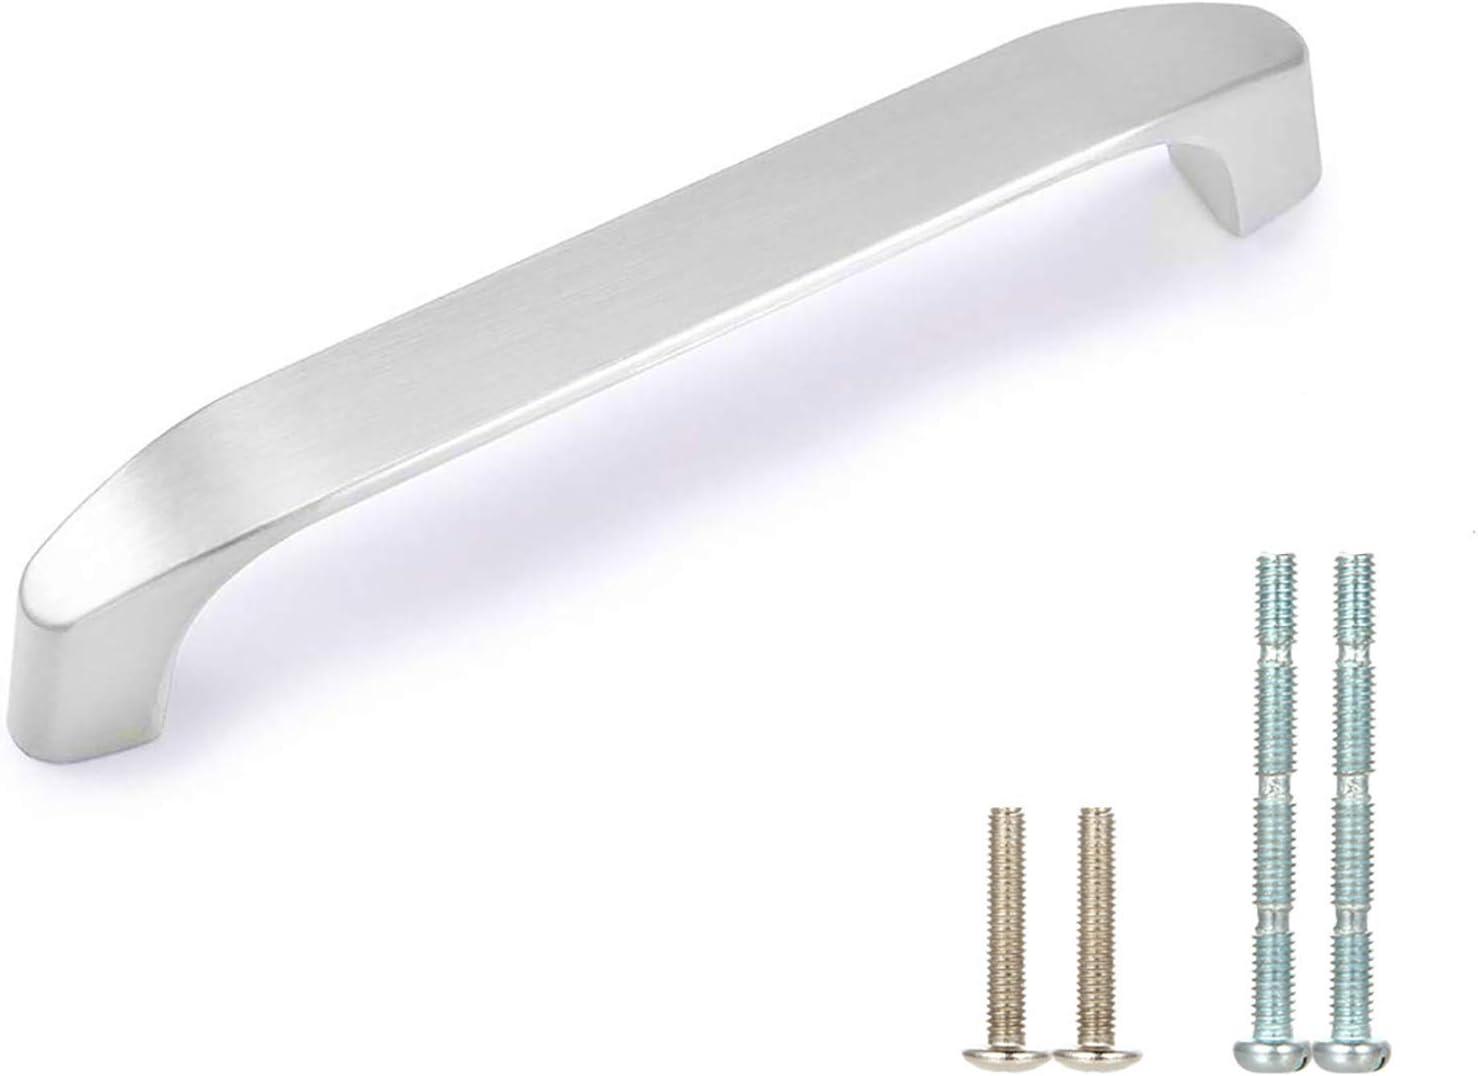 0.6 Dresser Knob Pulls Drawer Pull Handles Mirror Silver Chrome Nickel Steel Kitchen Cabinet Handles Knobs Door Handle Modern Square 16 mm